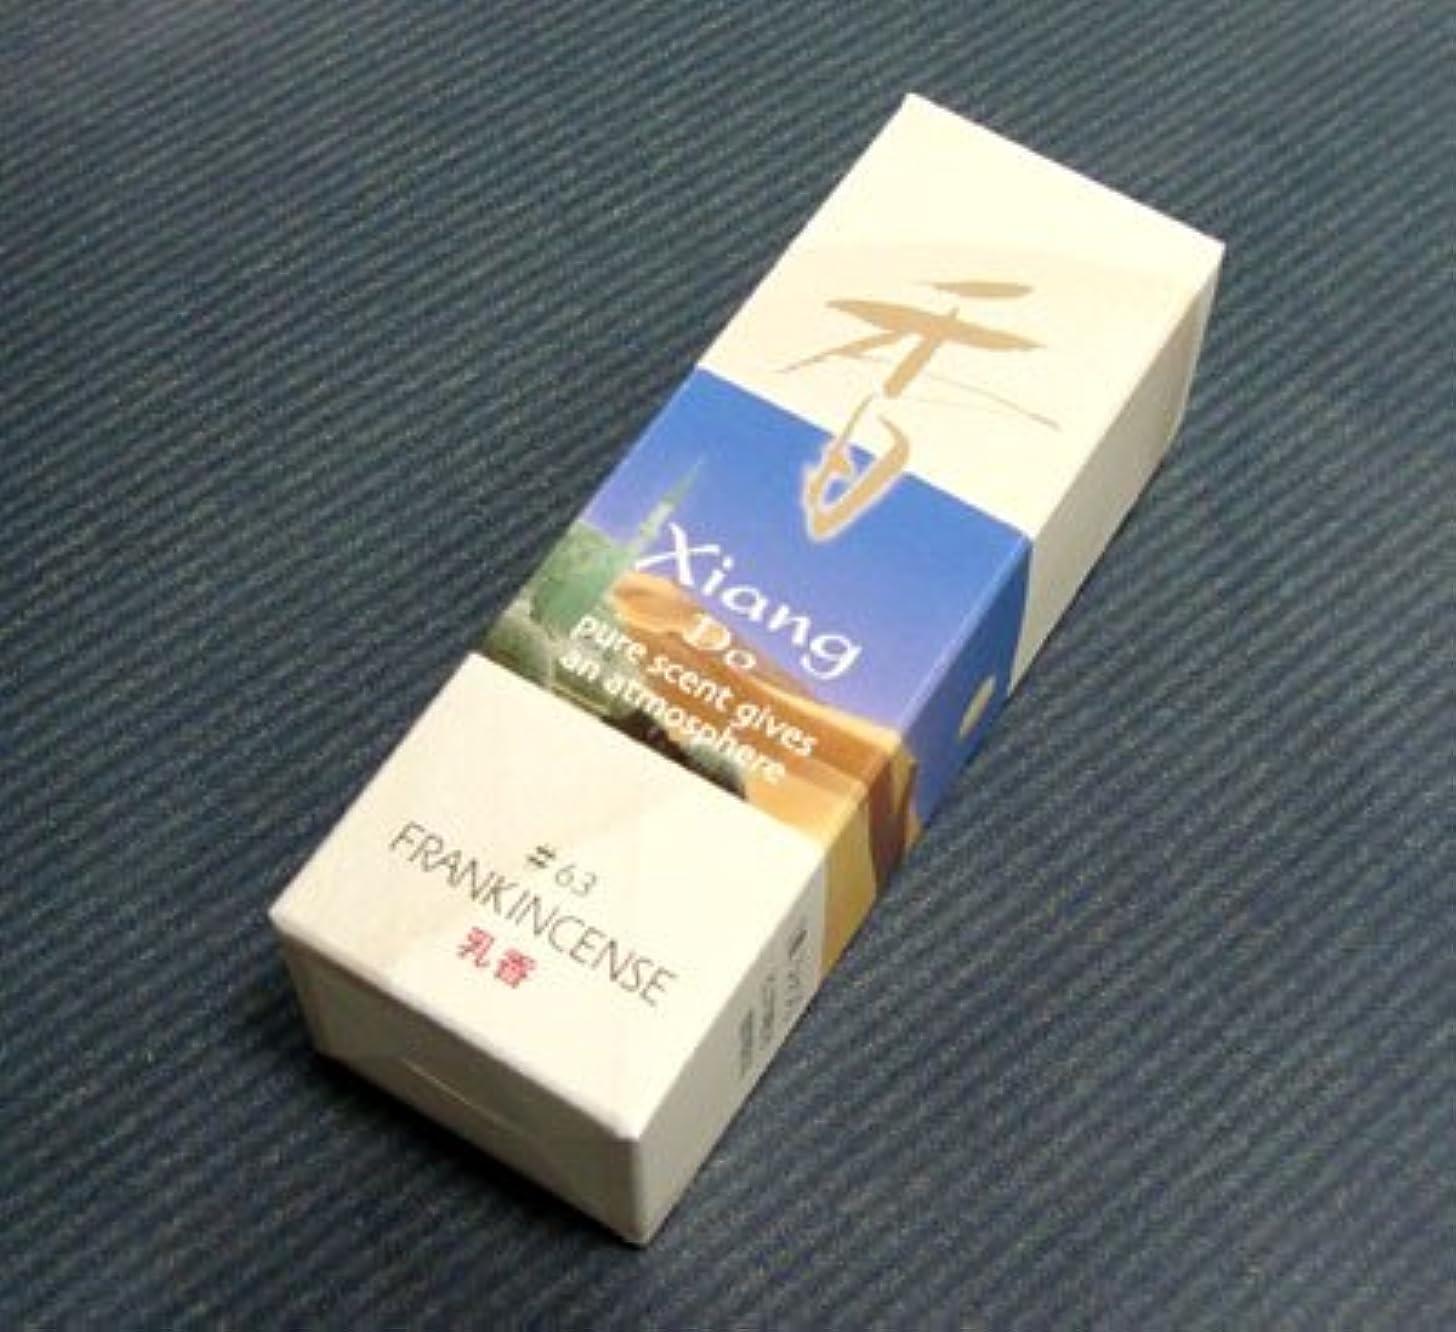 台風派生するあらゆる種類の乳香の香りです 松栄堂【Xiang Do フランクインセンス】スティック 【お香】